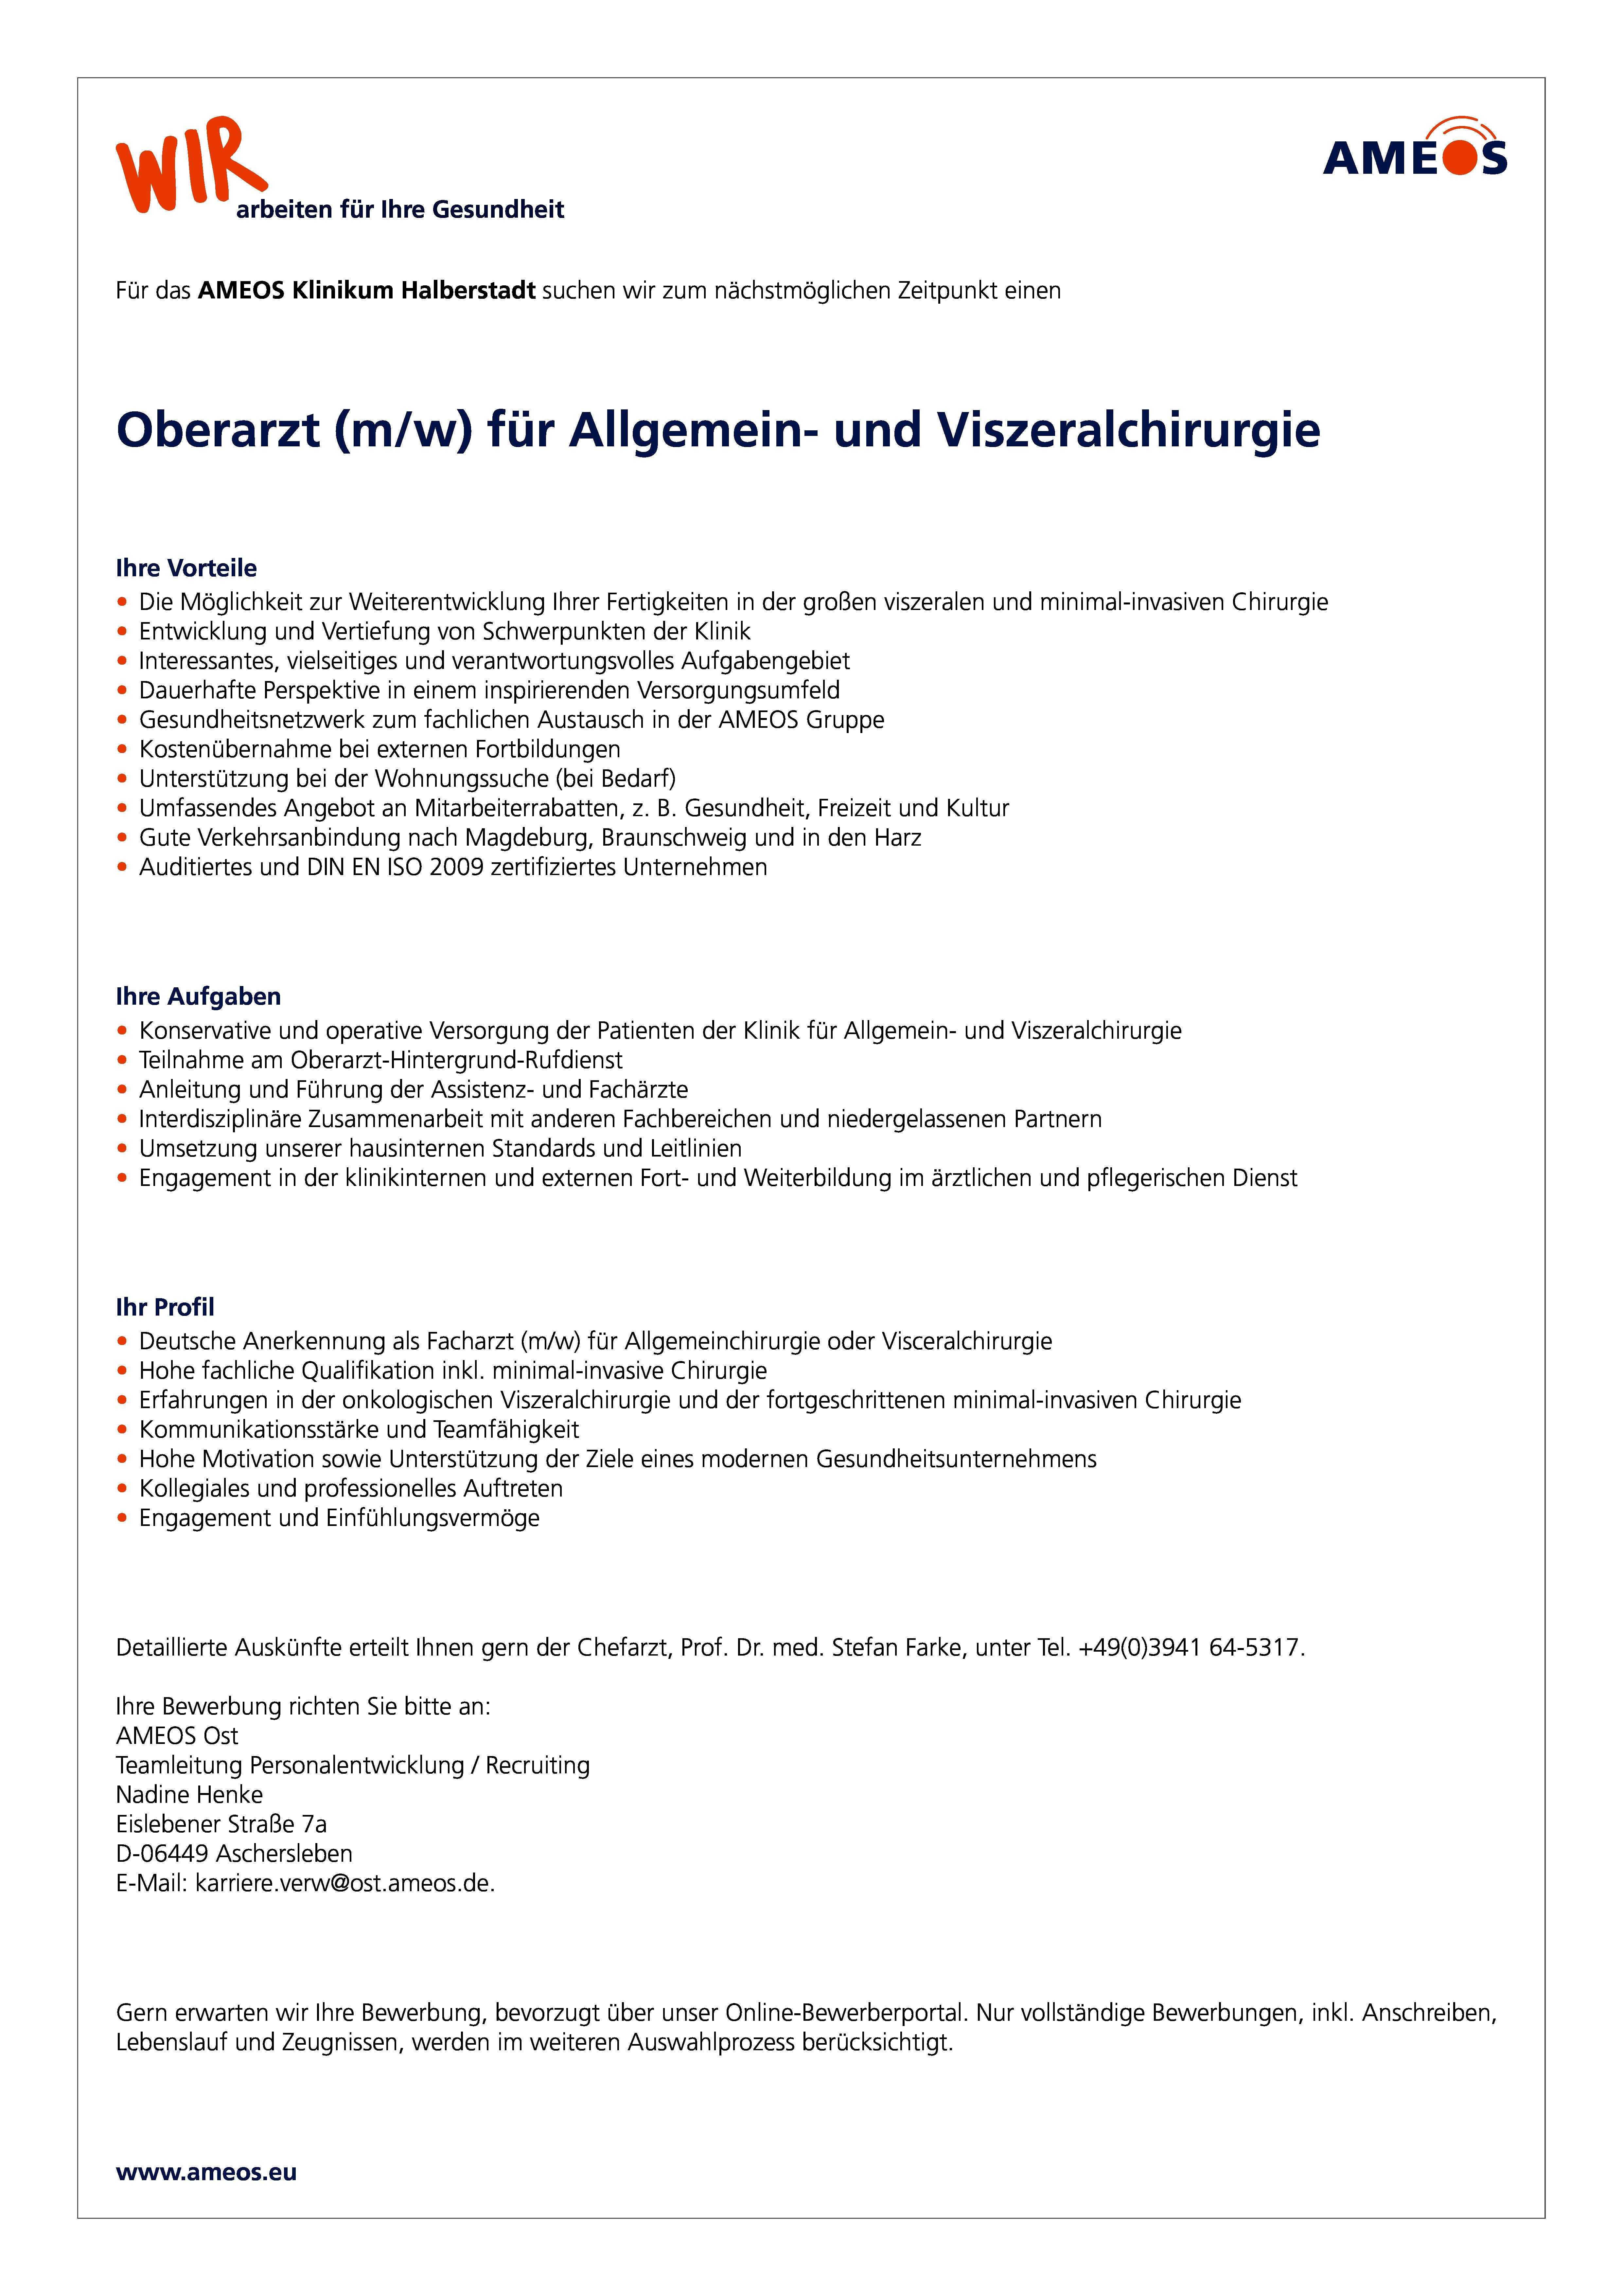 oberarzt mw fr allgemein und viszeralchirurgie job id1082